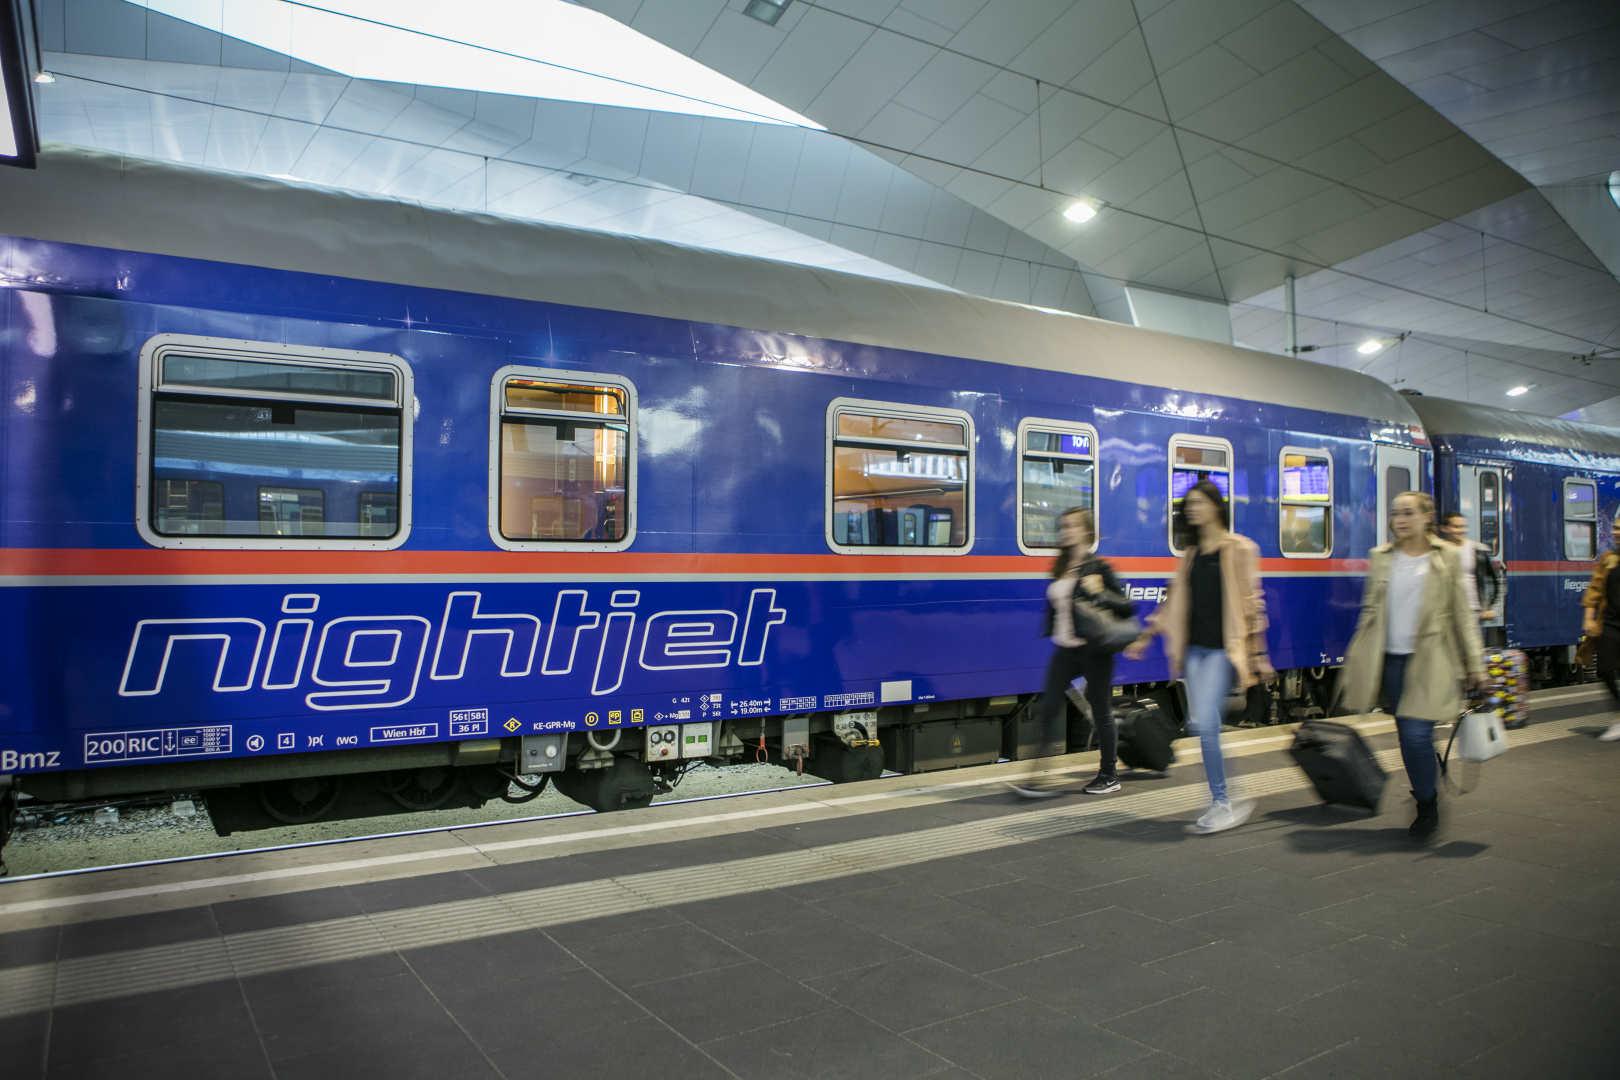 I samarbejde med de belgiske jernbaner, SNCB, der kører toget til og fra den belgiske grænse, har de østrigske jernbaner, ÖBB, netop sat ny Nighjet-nattog-forbindelse på sporet mellem Wien og Bruxelles. Pressefoto fra ÖBB, Harald Eisenberger.